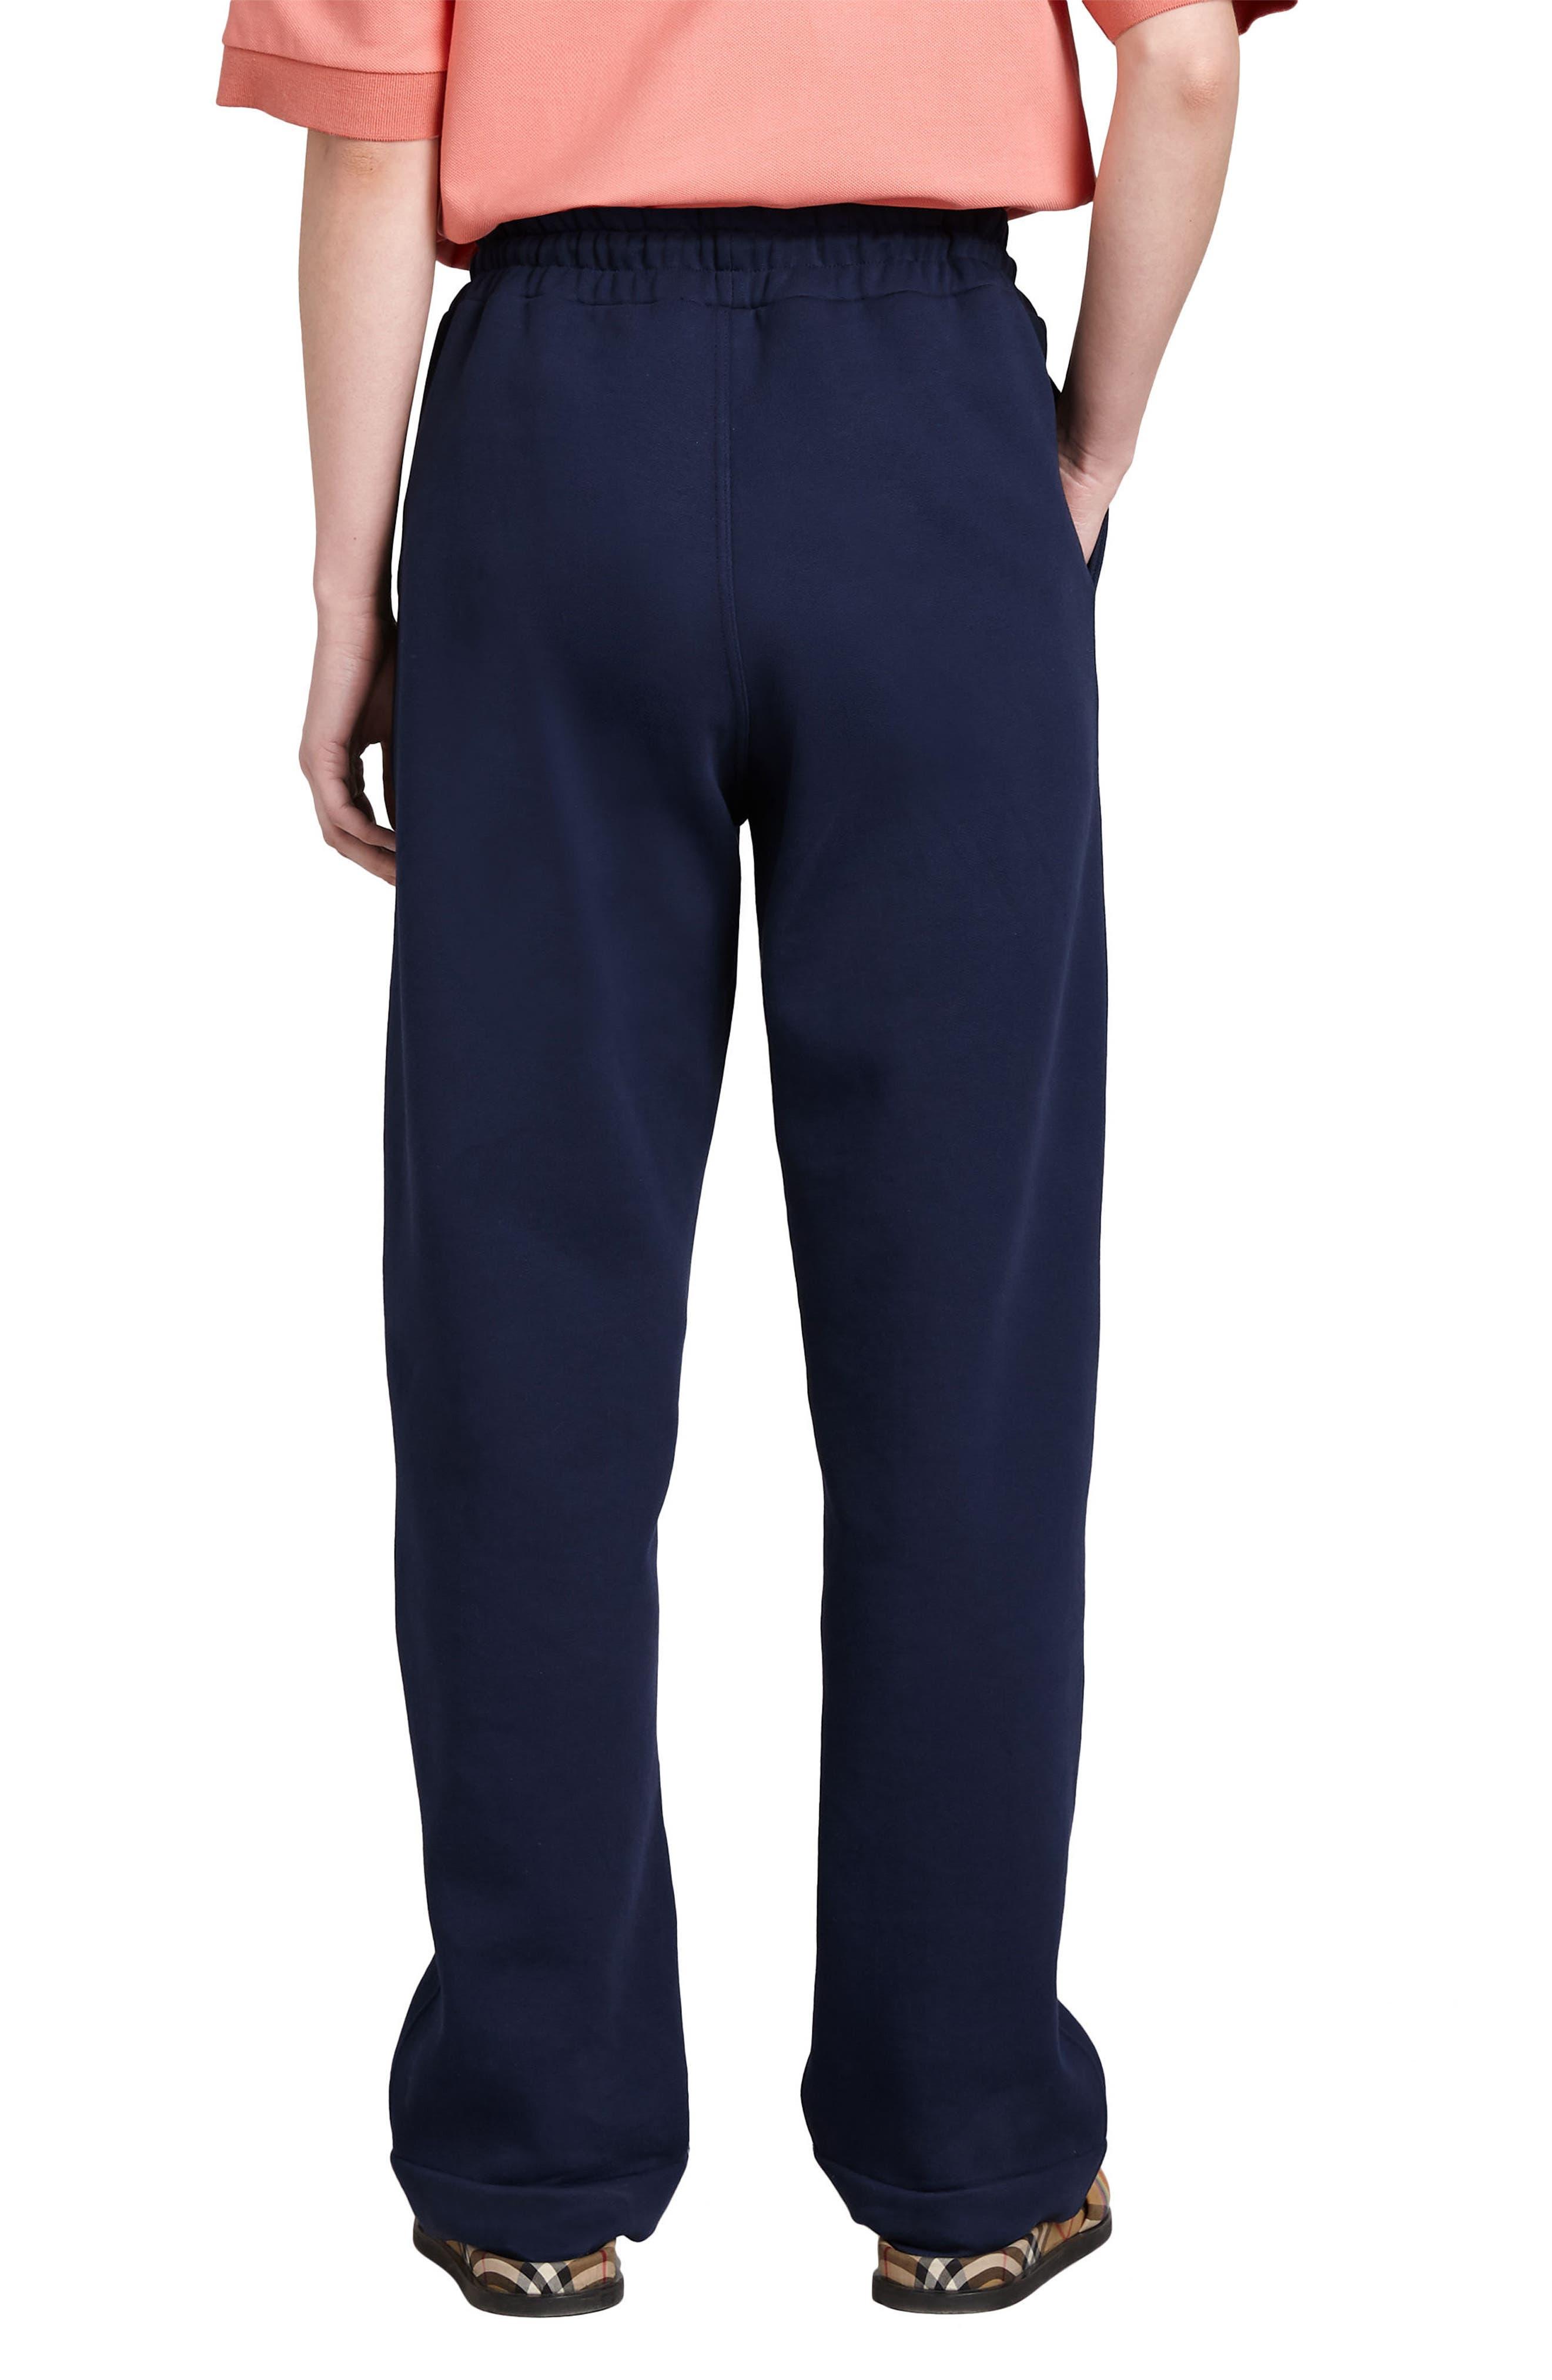 Vintage Crest Sweatpants,                             Alternate thumbnail 2, color,                             401